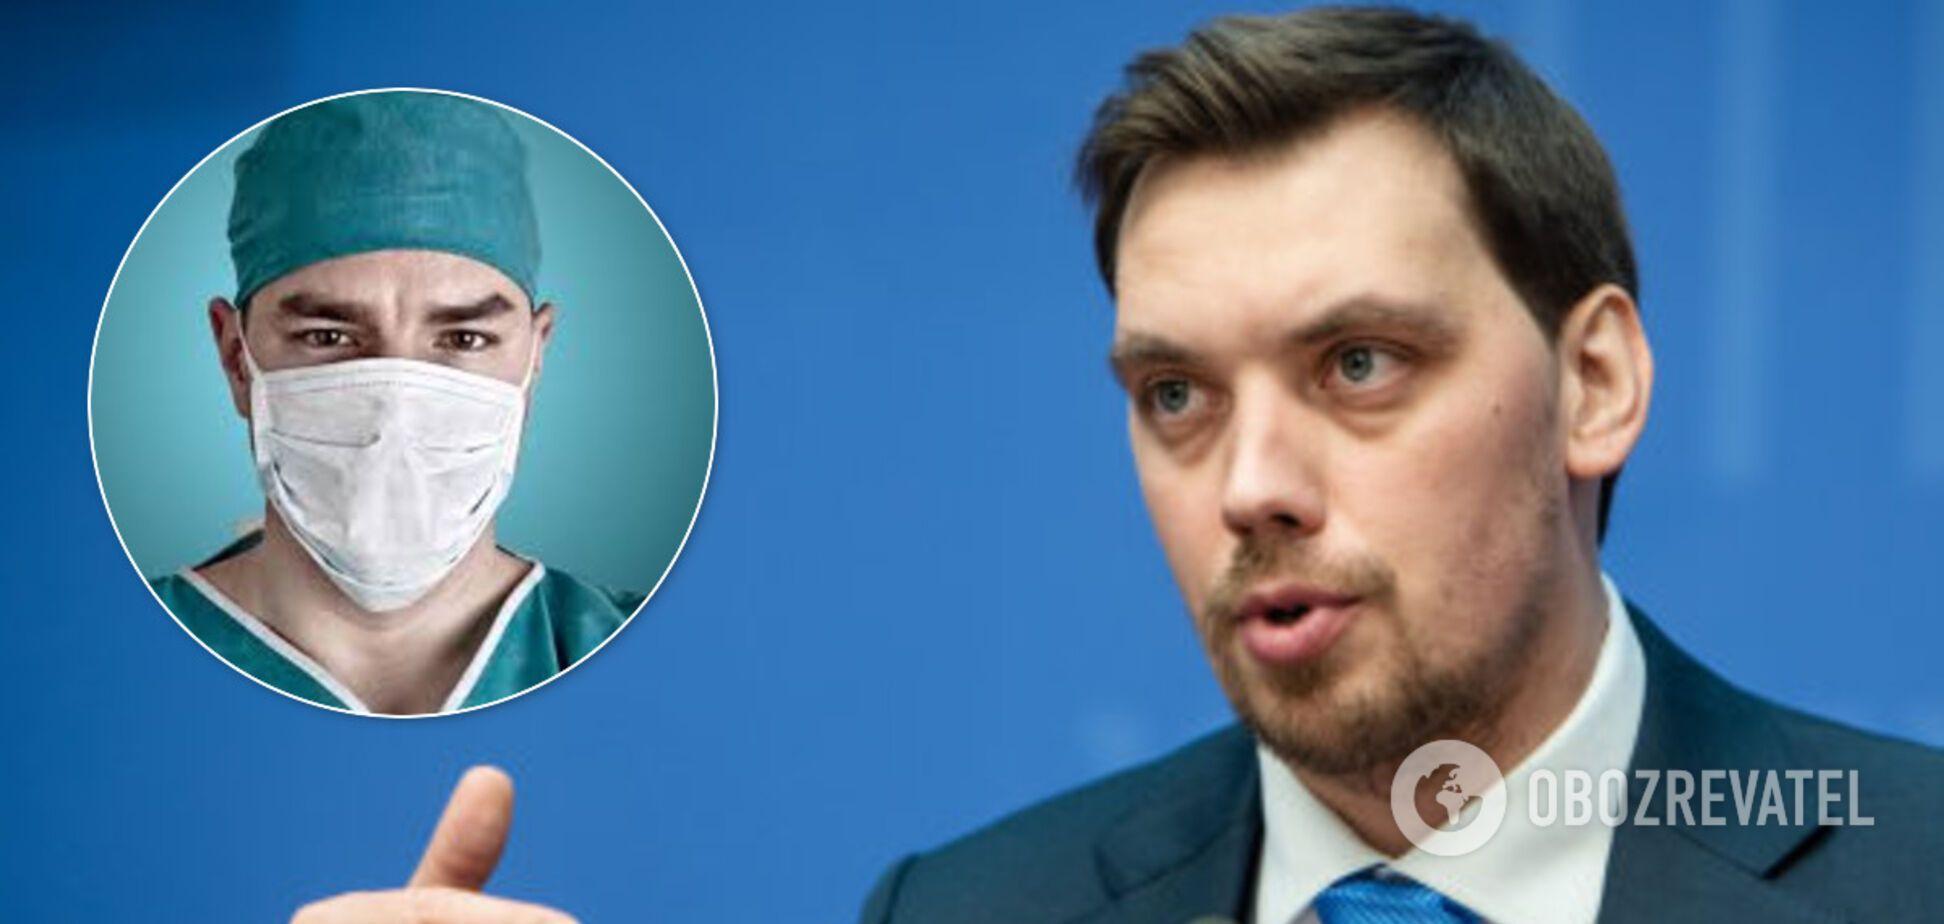 Гончарук анонсировал увеличение зарплаты врачам: названа дата